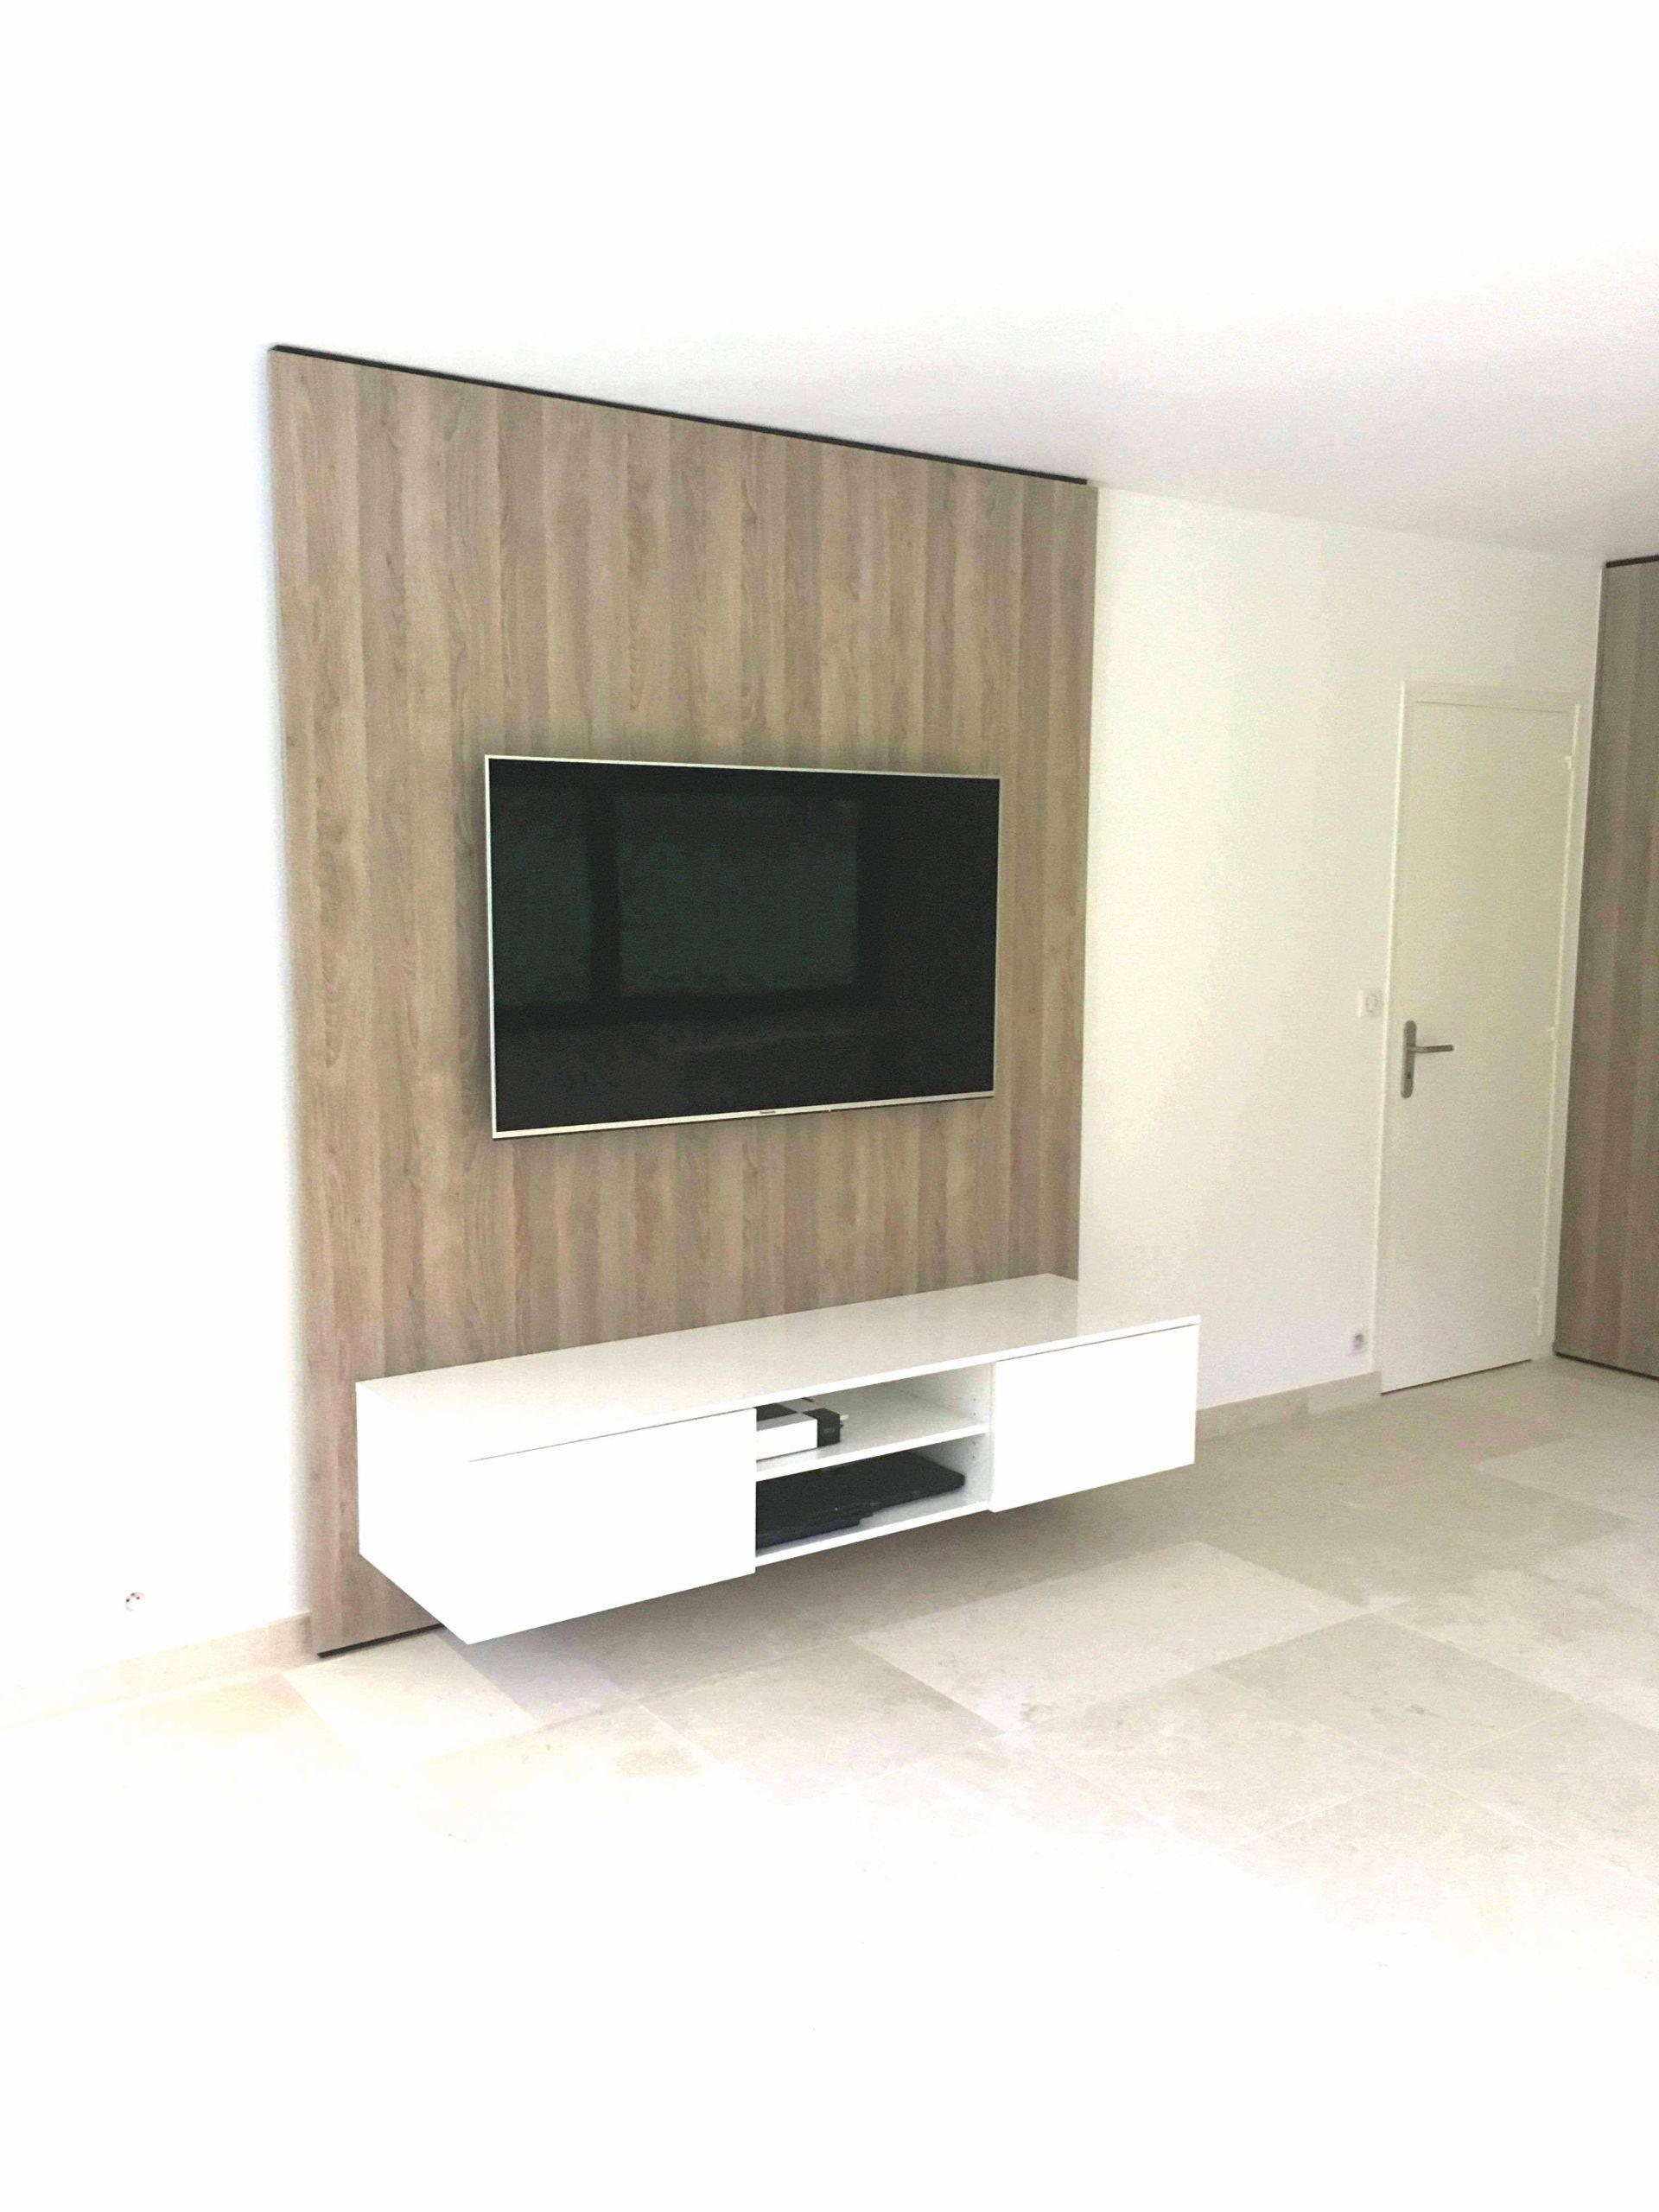 wanddeko wohnzimmer holz neu holz wanddeko wohnzimmer luxus of wanddeko wohnzimmer holz scaled